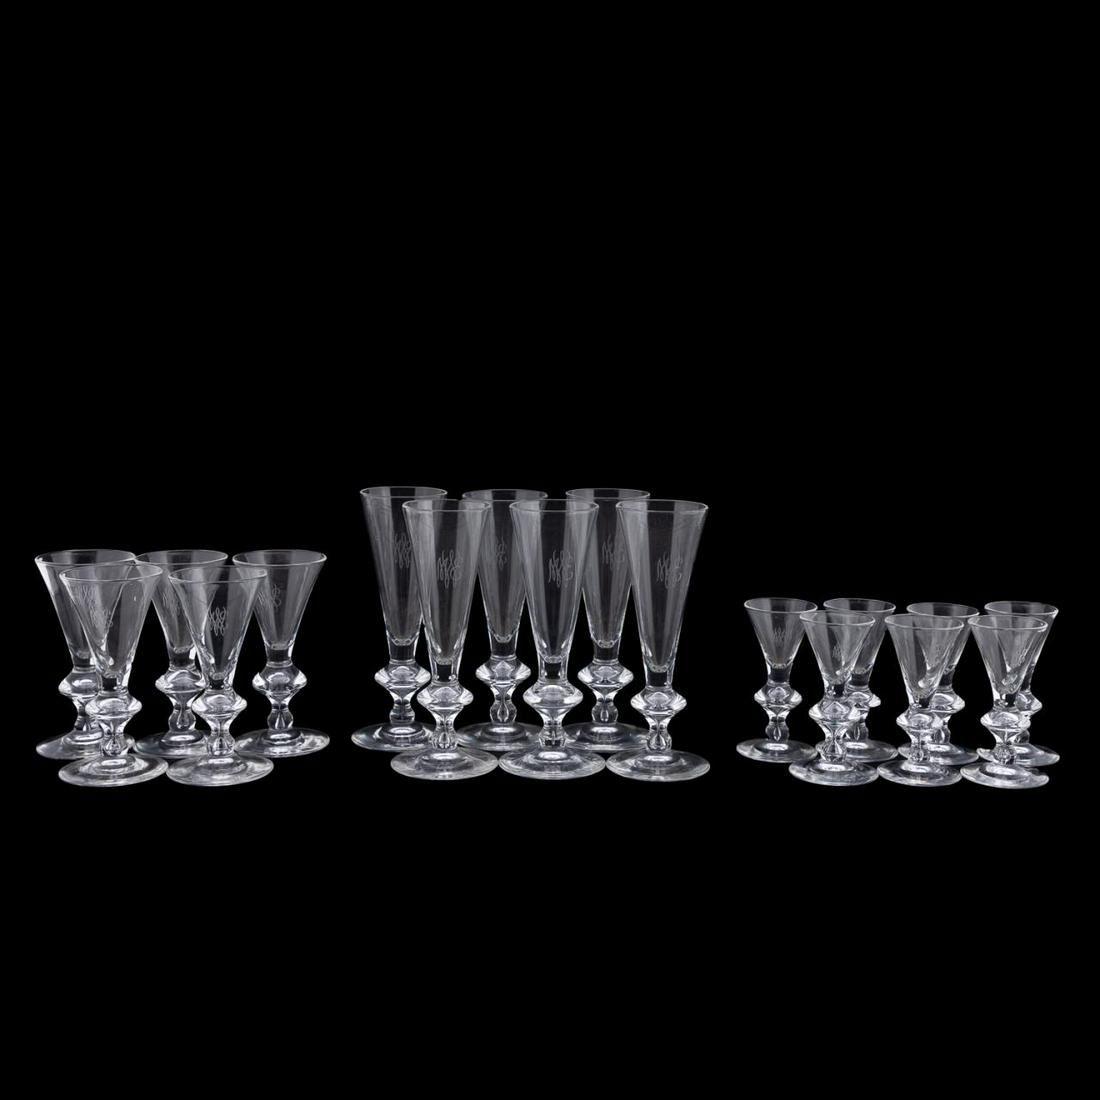 18PC, STEUBEN GLASS STEMWARE, PATTERN 7737